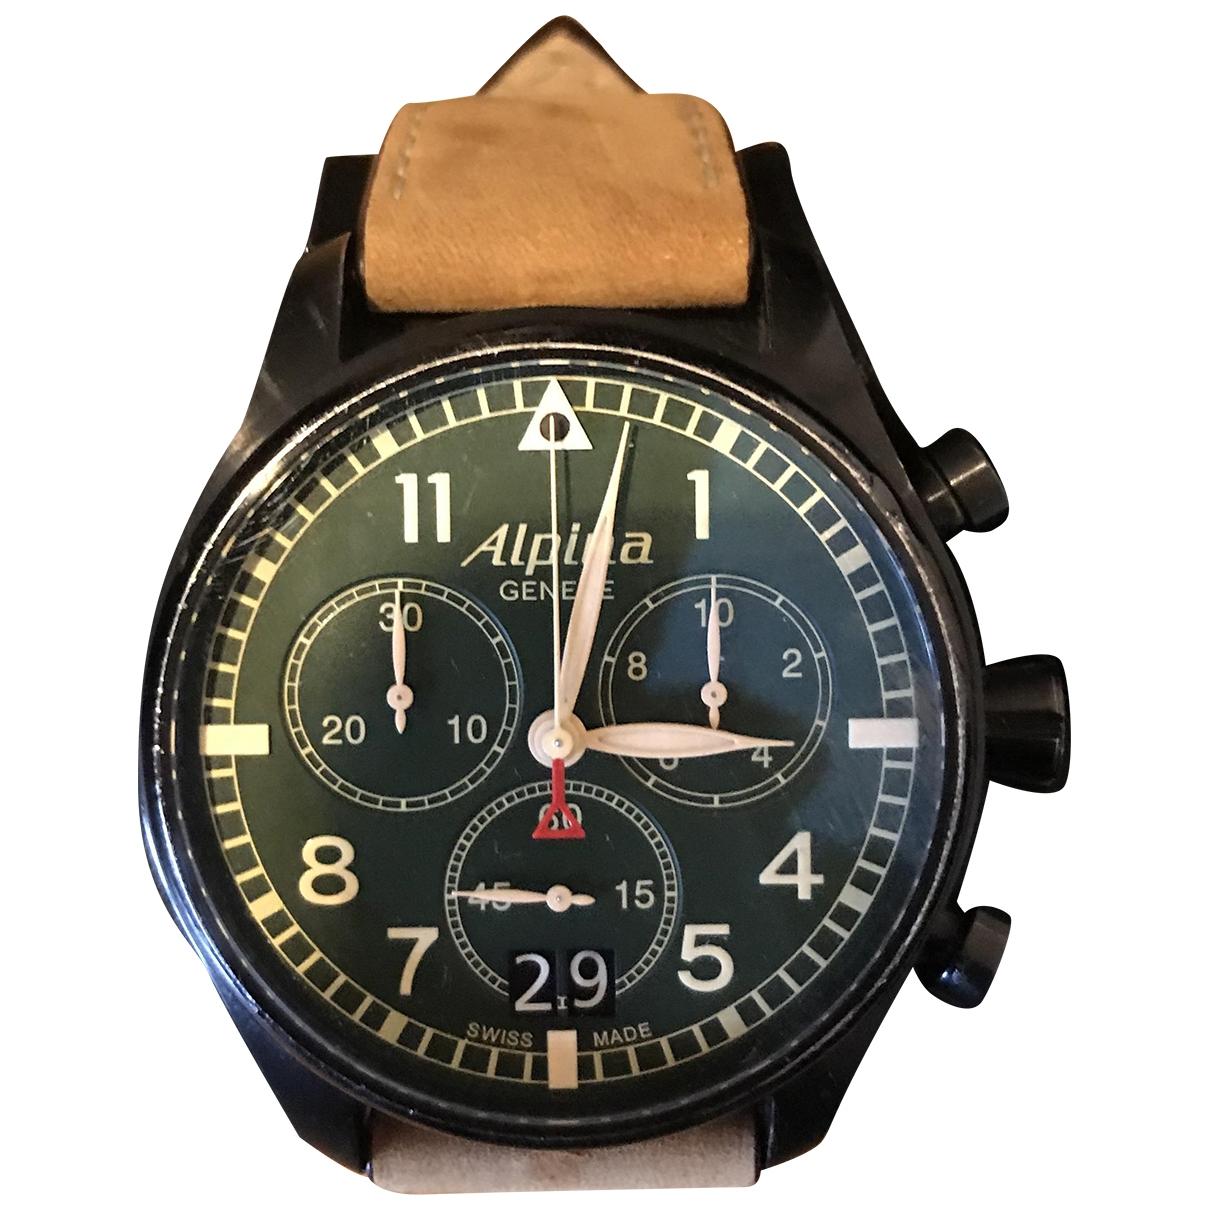 Relojes Startimer Pilot Alpina